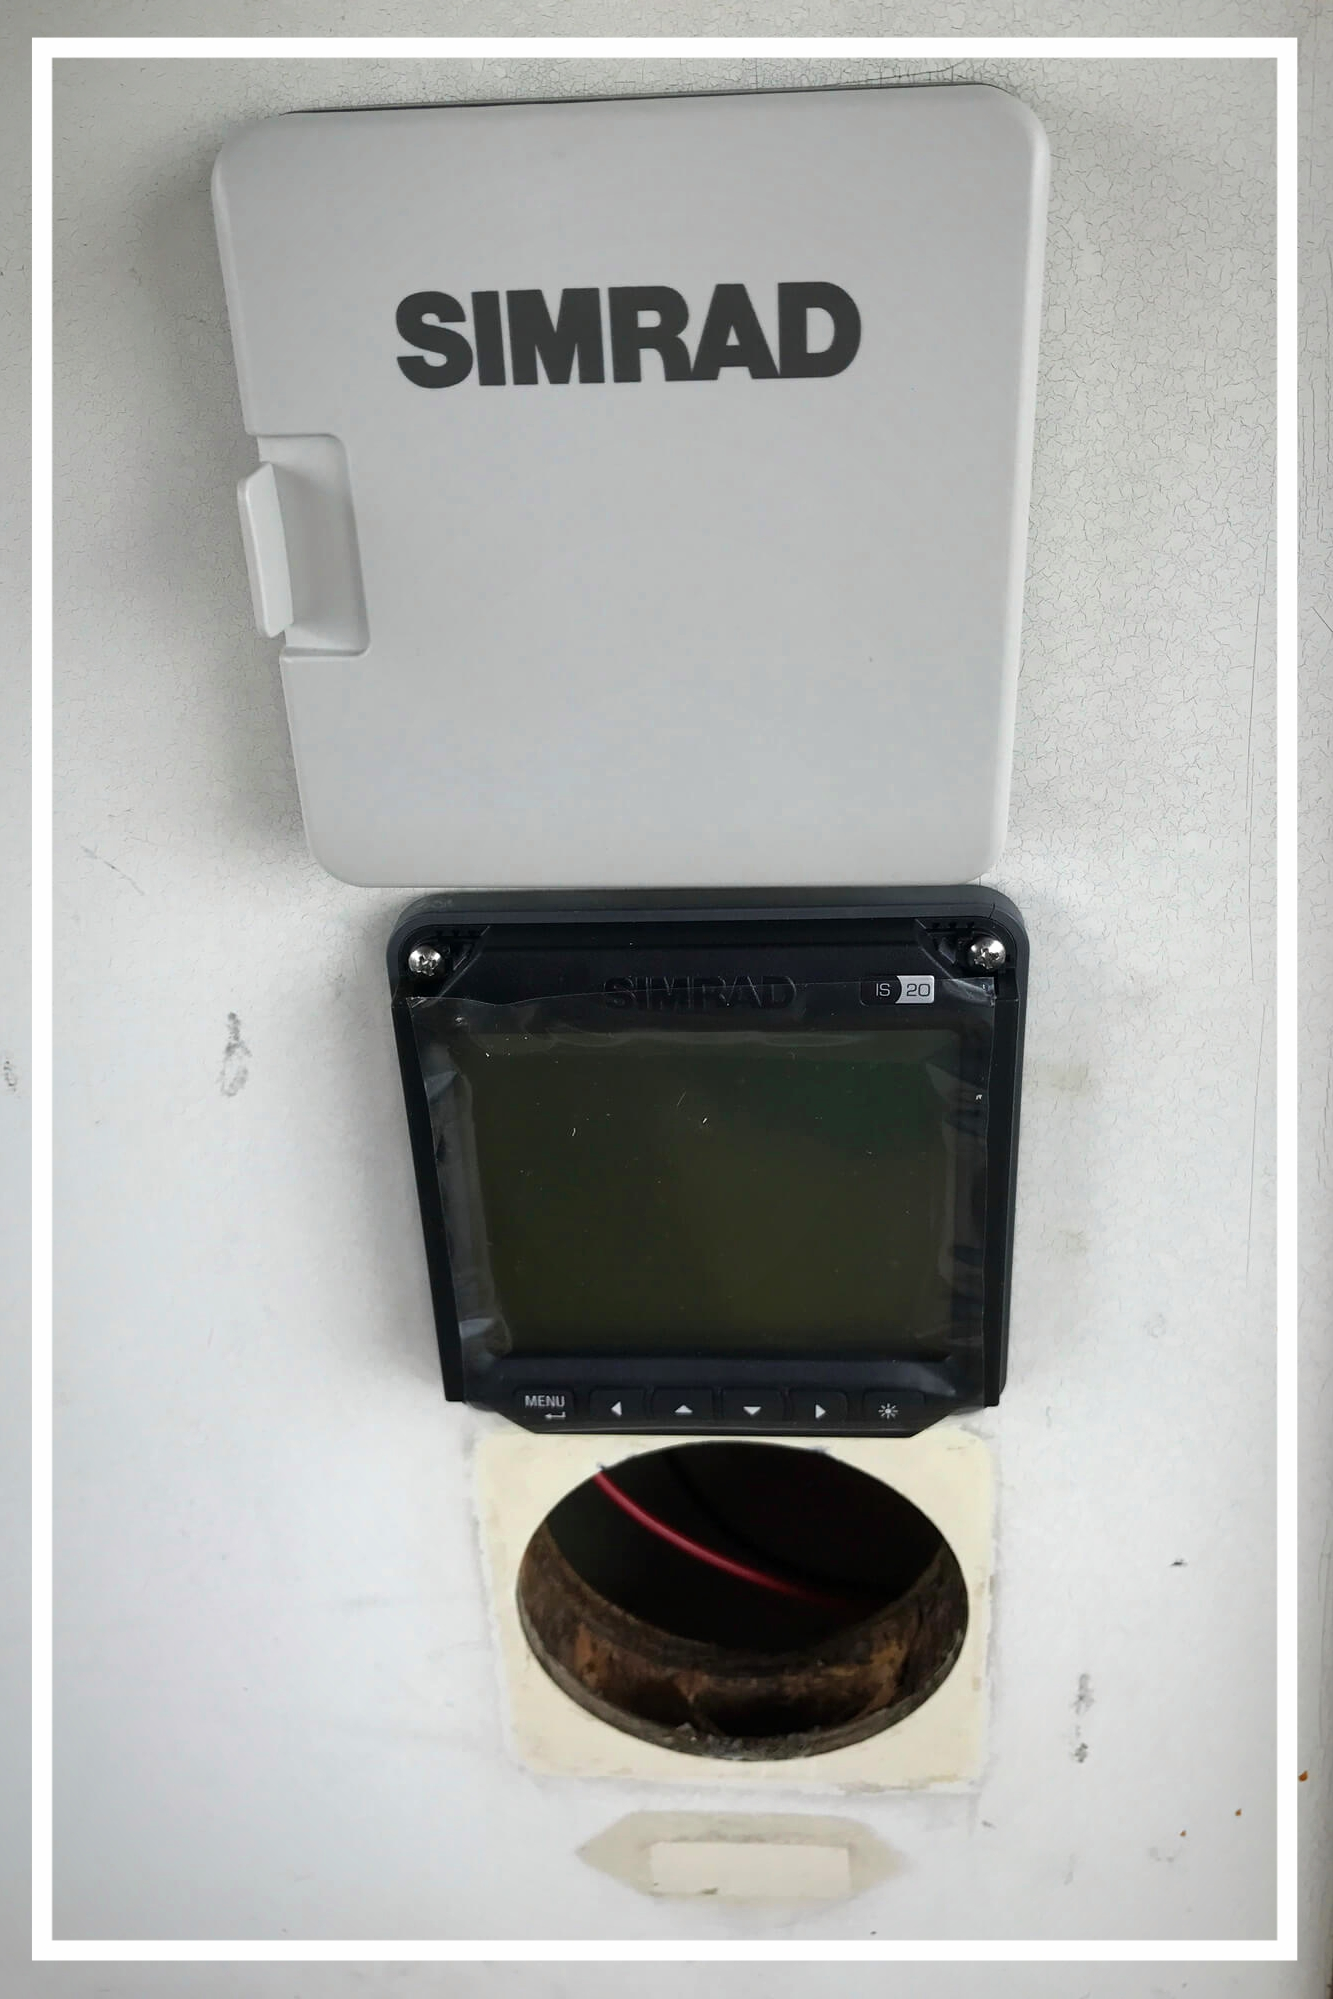 zwei neue Navigation Instruments (Simrad) in der Plicht installiert